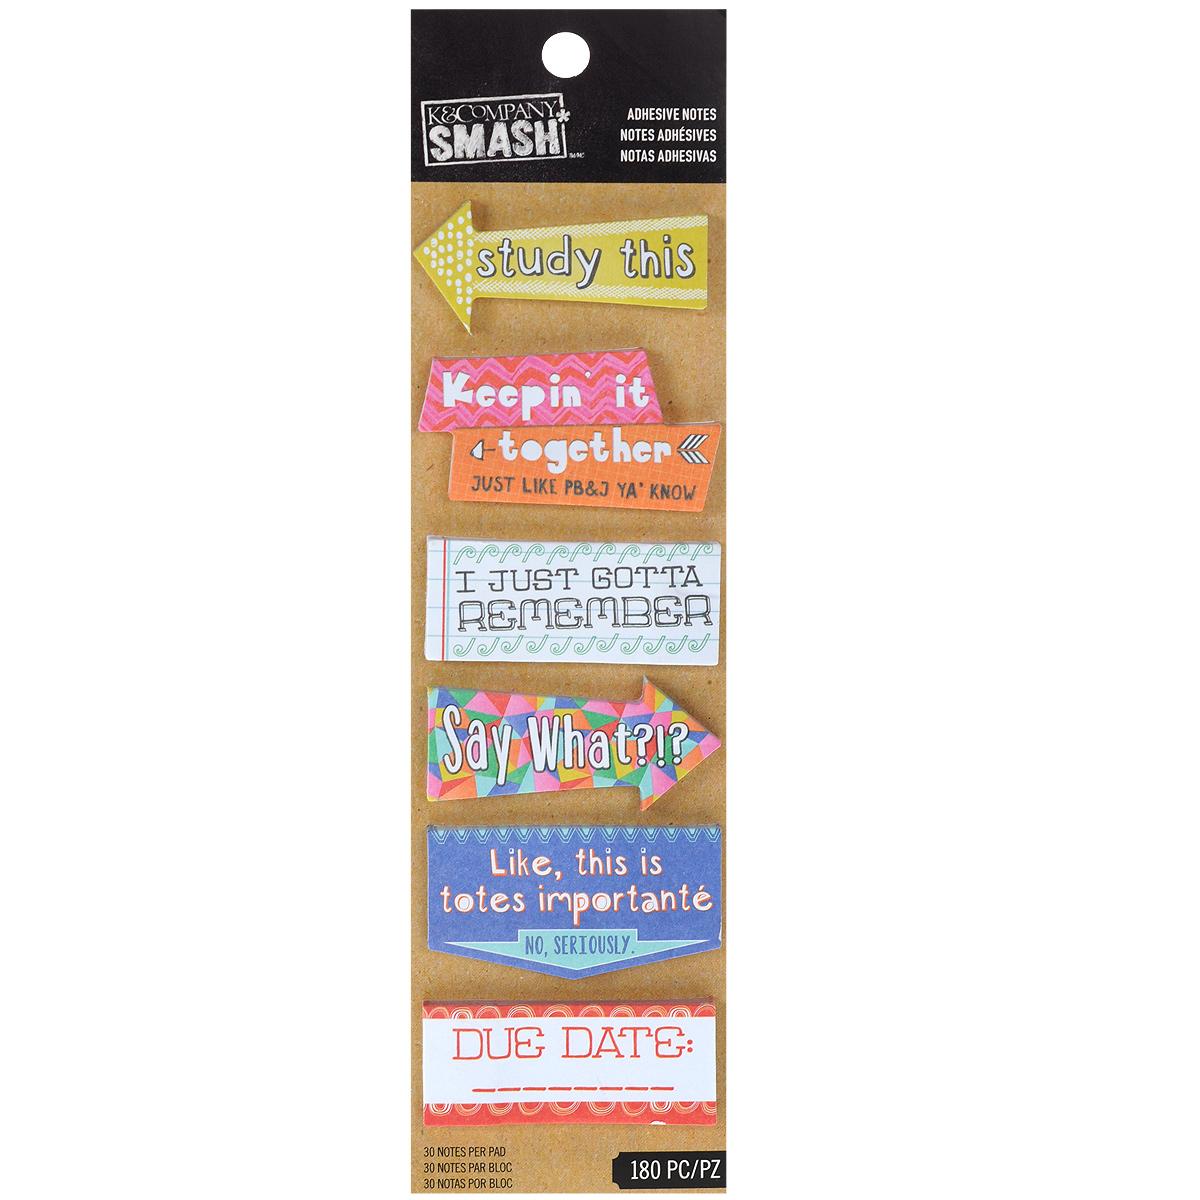 Стикеры-украшения K&Company Smash, 180 штKCO-30-685833Стикеры K&Company Smash, выполненные из бумаги, предназначены для декорирования в скрапбукинге, кардмейкинге, декупаже. Набор включает в себя 180 стикеров с надписями разного дизайна. Стикеры прекрасно дополнят ваши работы и придадут законченный вид изделиям. Скрапбукинг - это хобби, которое способно приносить массу приятных эмоций не только человеку, который этим занимается, но и его близким, друзьям, родным. Это невероятно увлекательное занятие, которое поможет вам сохранить наиболее памятные и яркие моменты вашей жизни, а также интересно оформить интерьер дома.